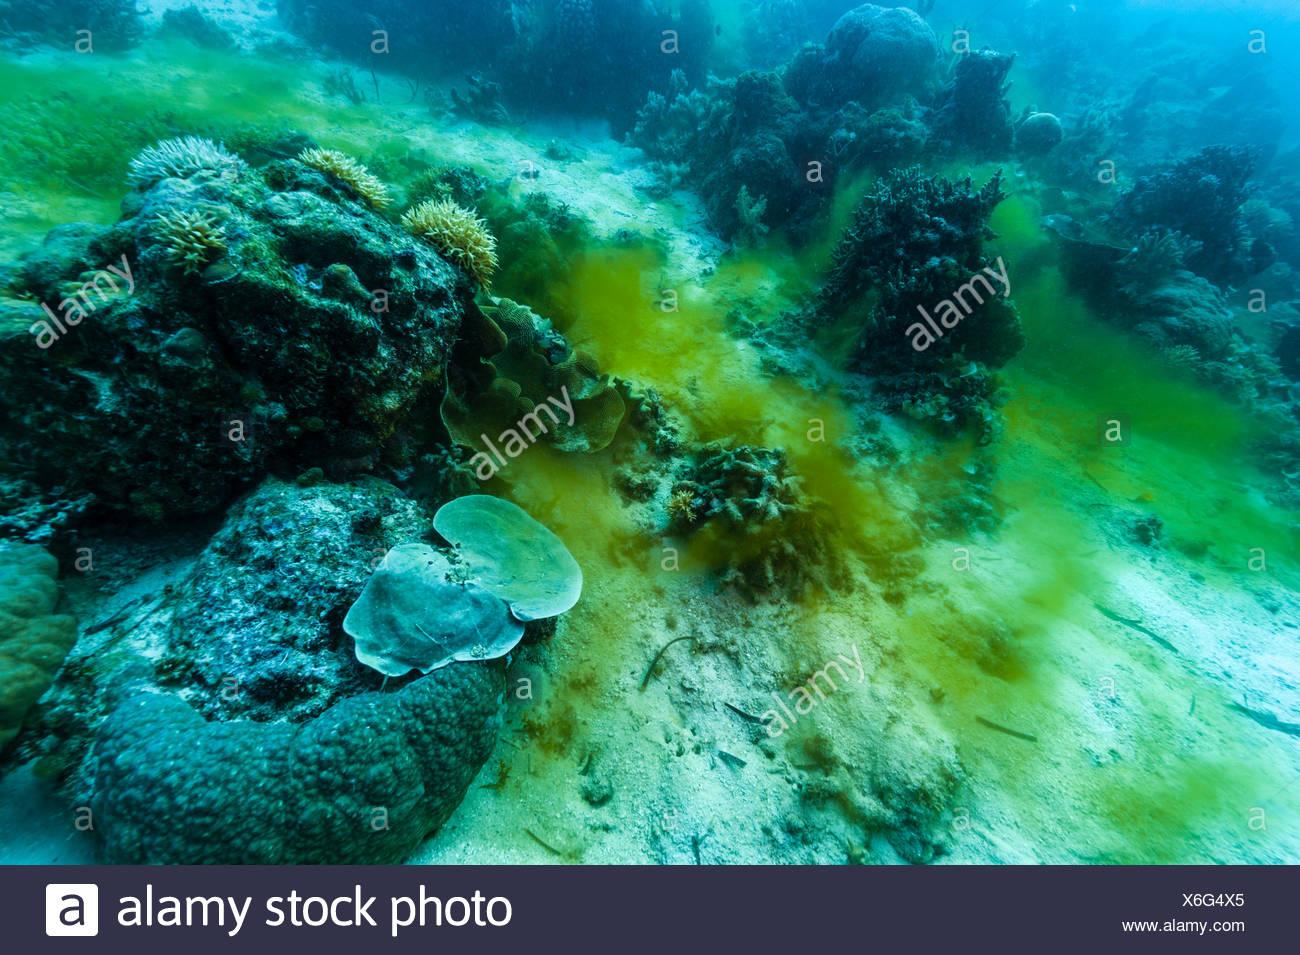 Une floraison d'algues phytoplanctoniques descendre la pente d'un récif tropical. Banque D'Images